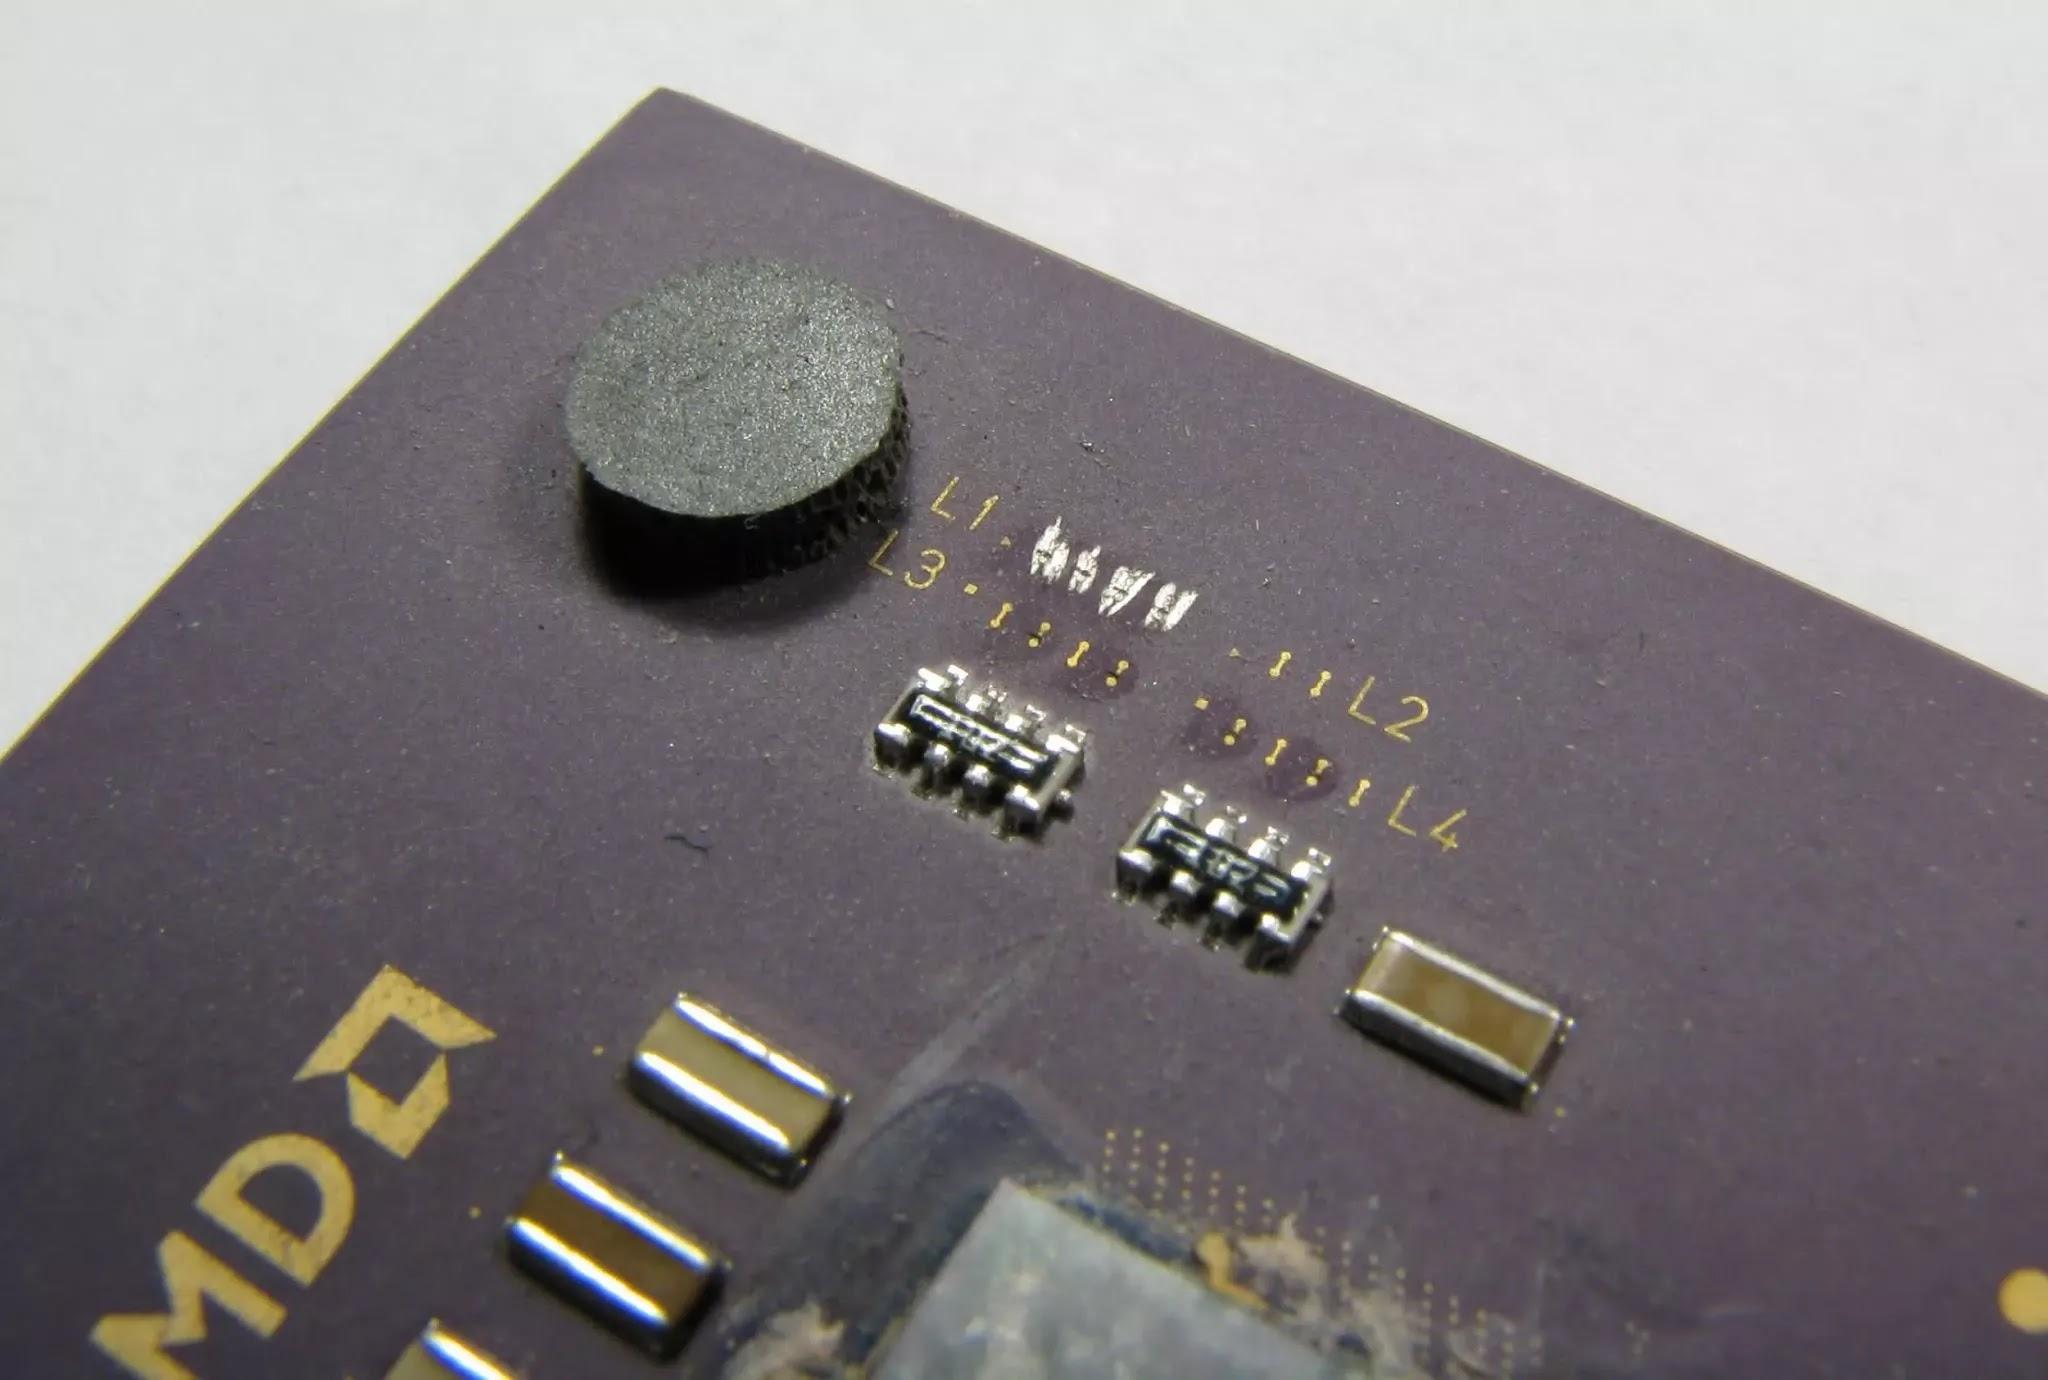 Một số bộ xử lý AMD có thể được ép xung bằng bút chì.